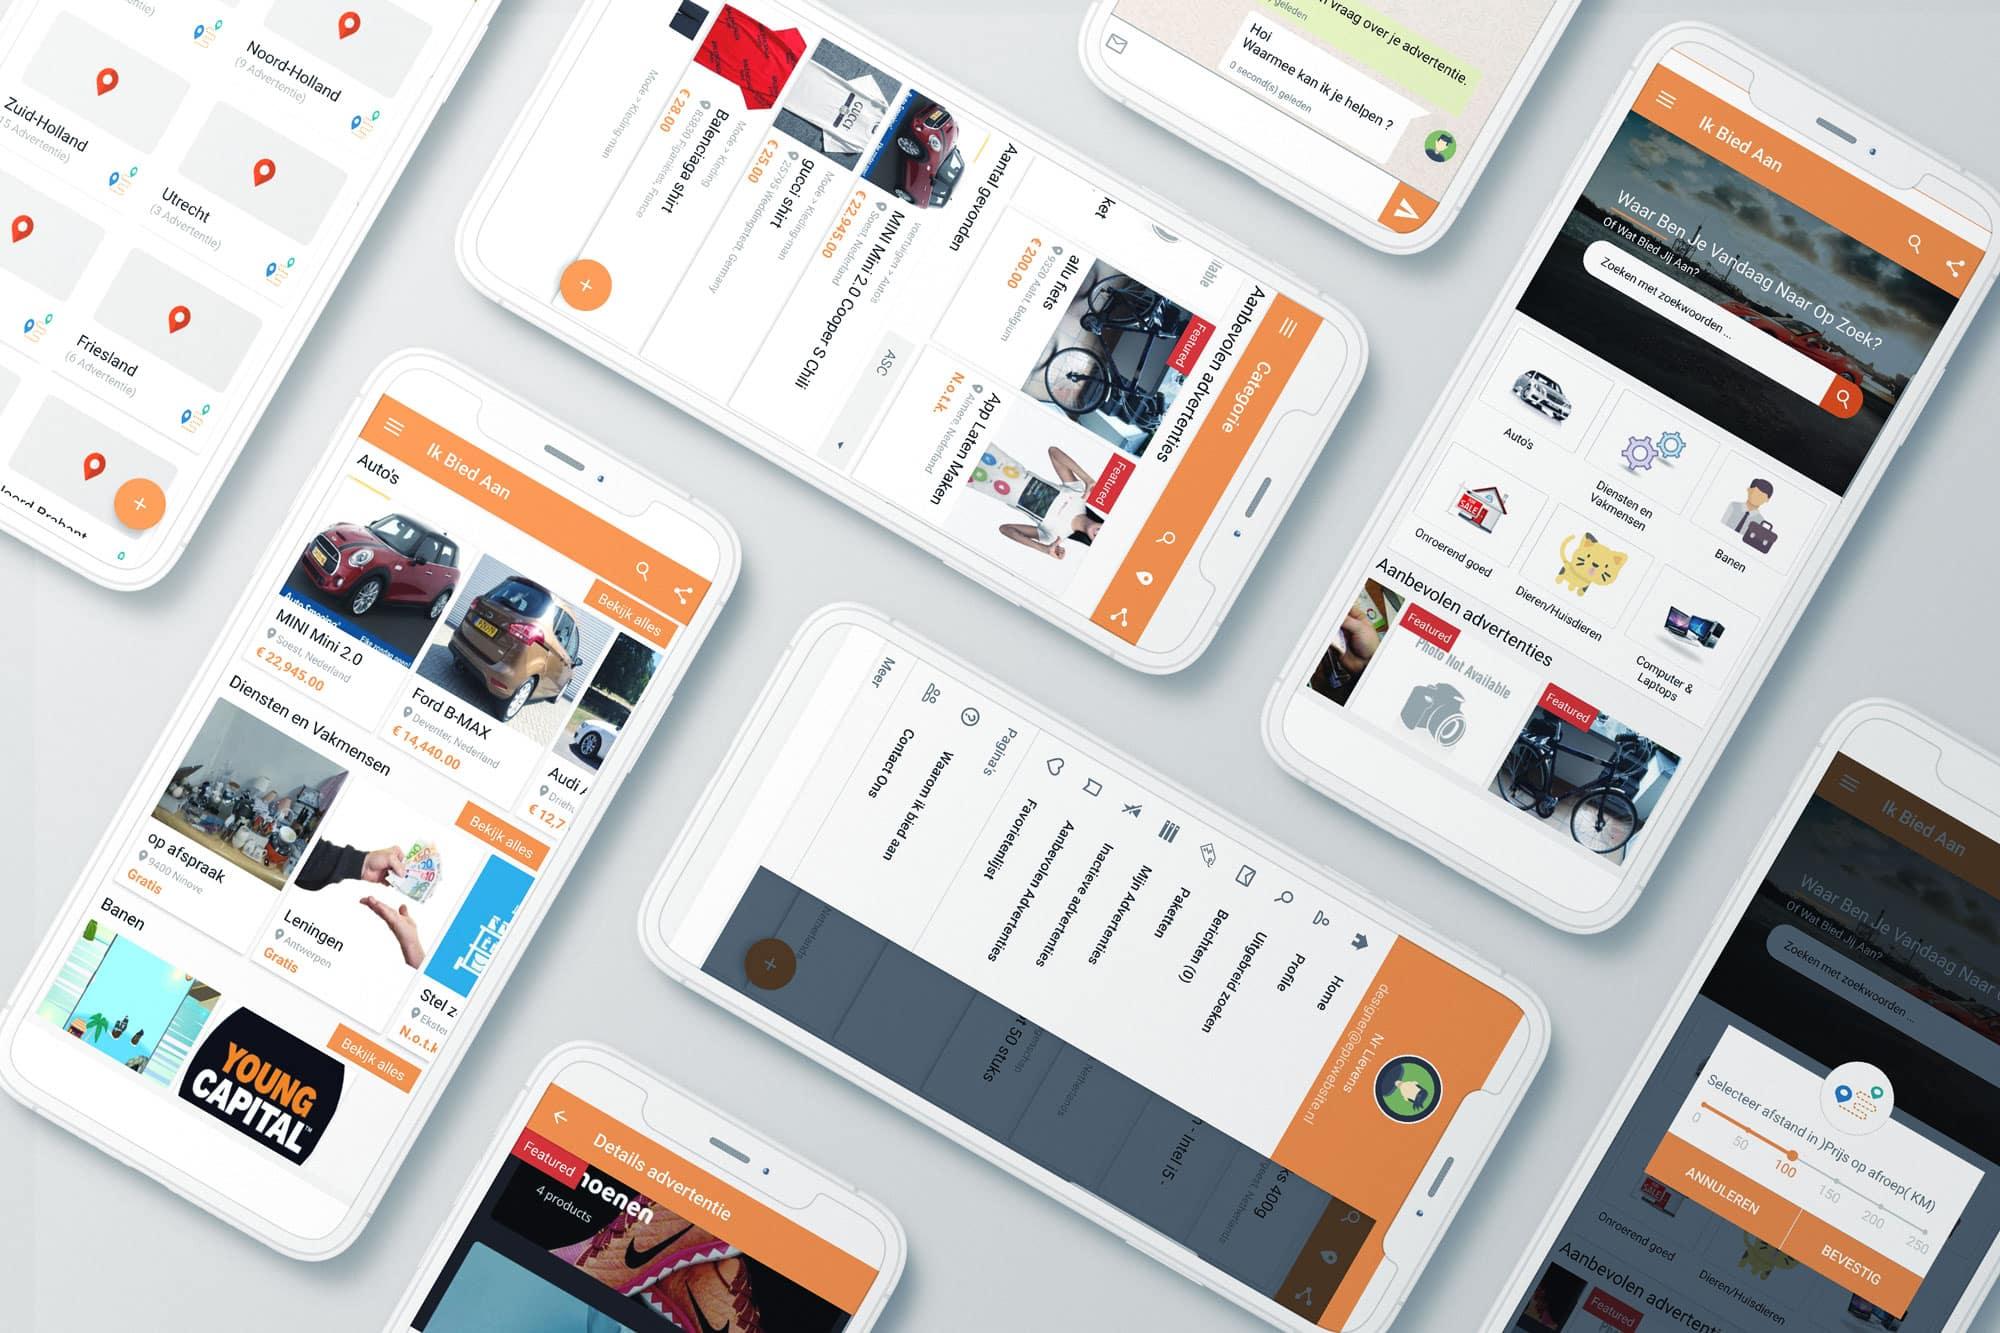 Native app ontwikkelaa voorbeeld van epicwebsite